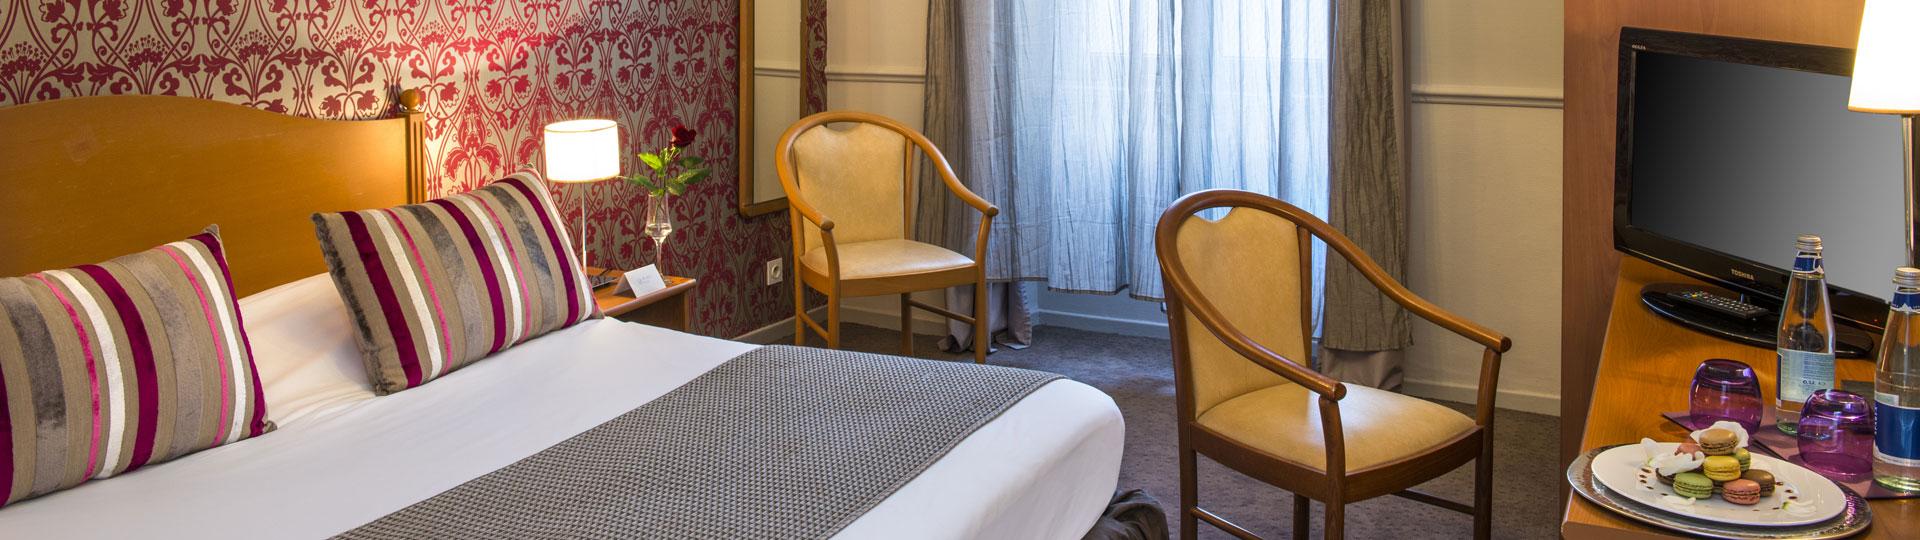 Chambre double, twin côté ville de l'hôtel Le Royal à Nice